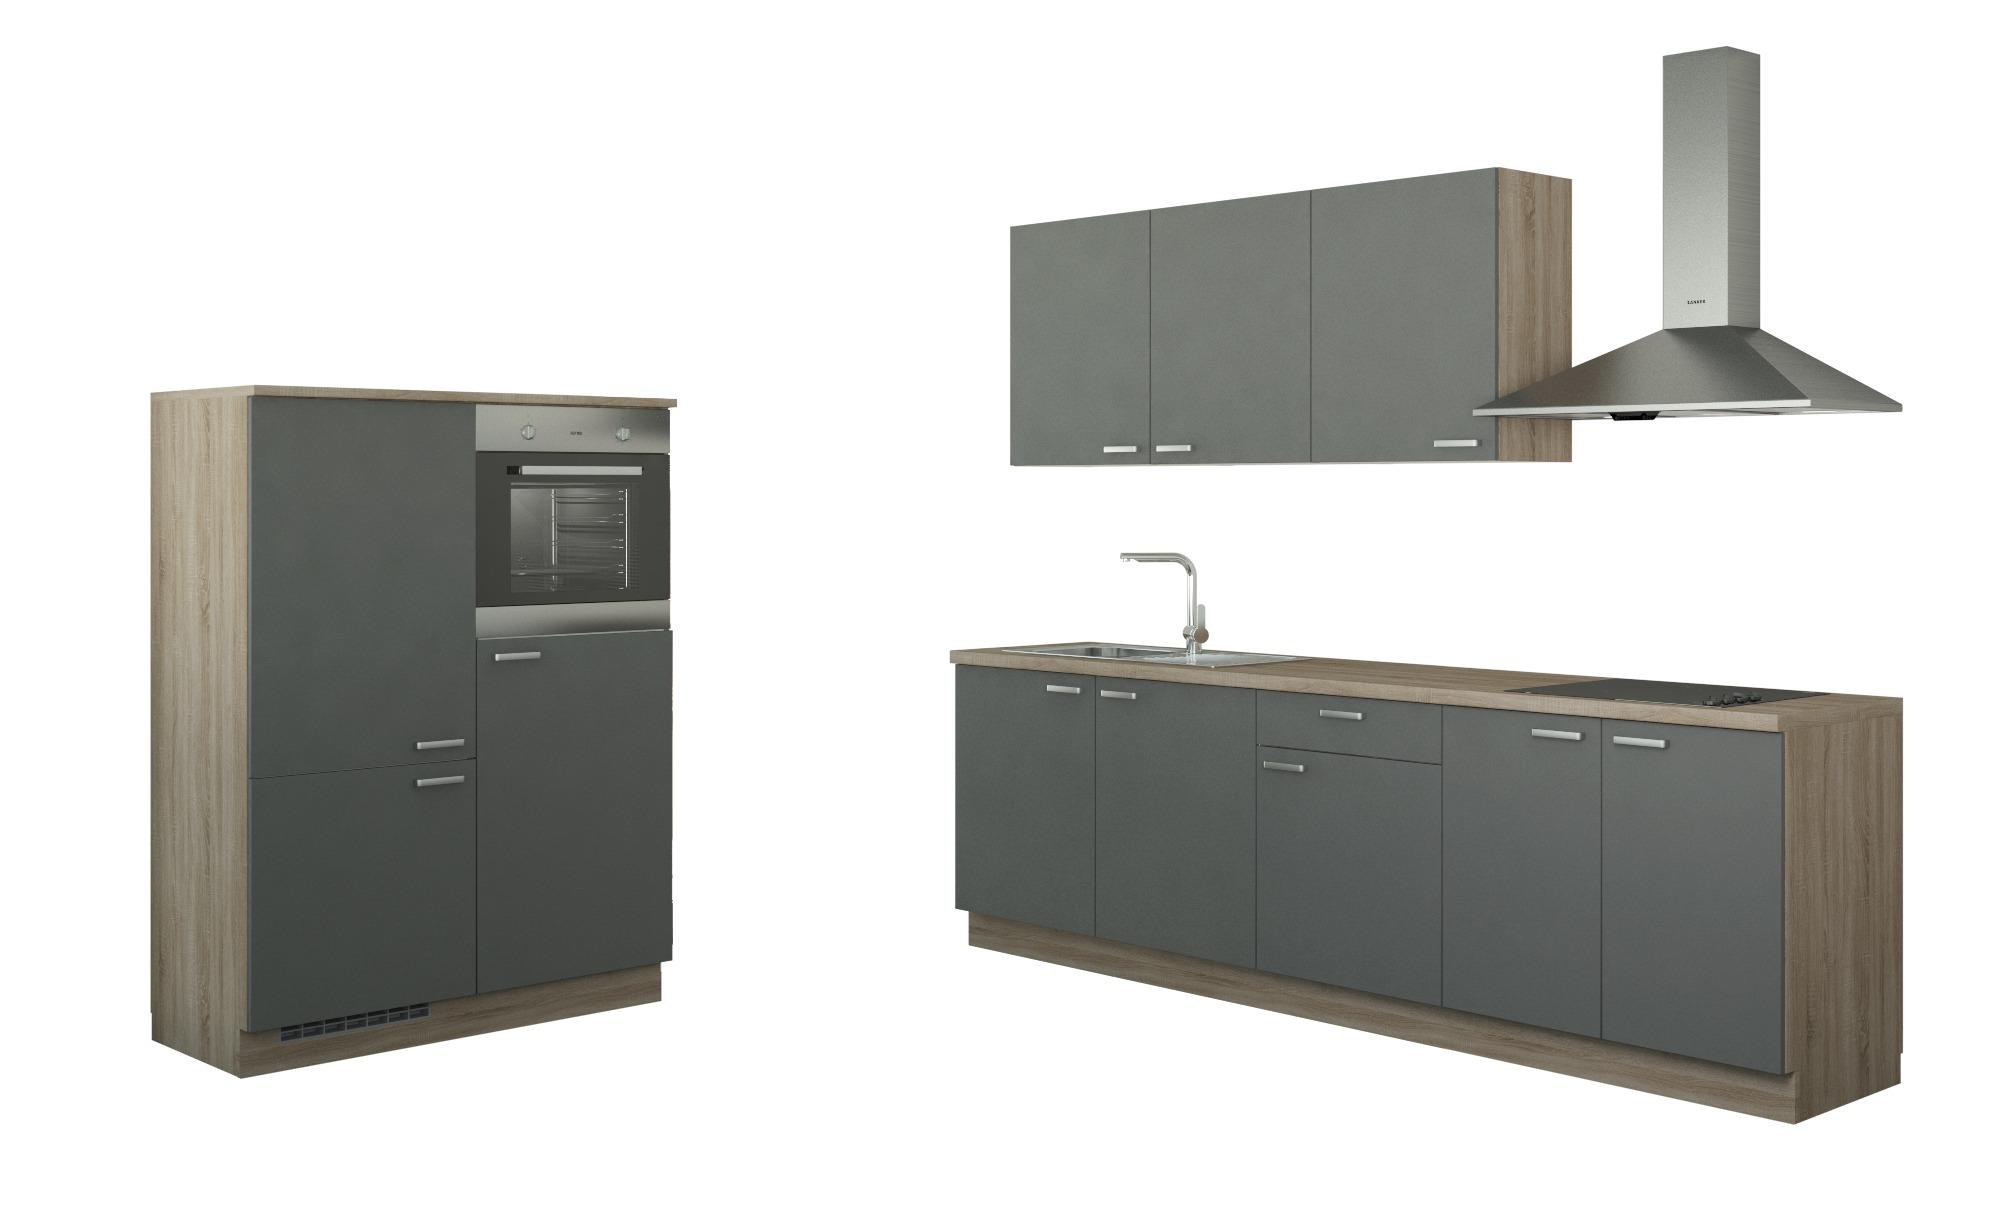 Küchenzeile mit Elektrogeräten   Gotha ¦ grau Küchen > Küchenblöcke - Höffner | Küche und Esszimmer > Küchen | Möbel Höffner DE